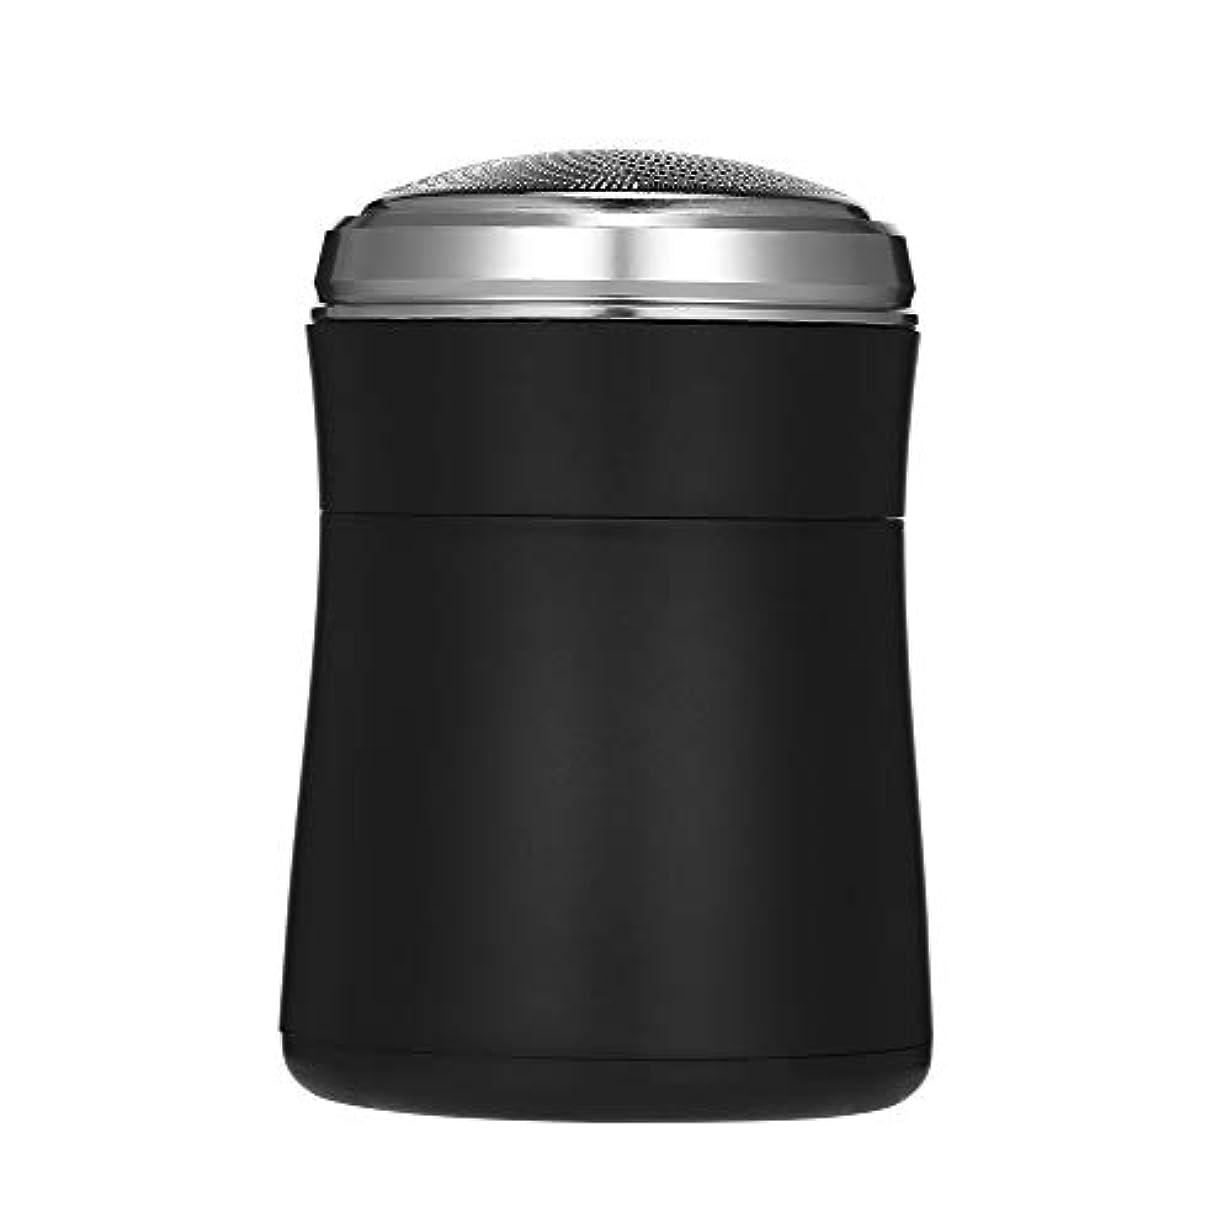 薄汚いメッシュ栄光Decdeal ミニ 電気シェーバー メンズ シェーバー 電気かみそり 充電式USB 髭剃り 電動 カミソリ 旅行用